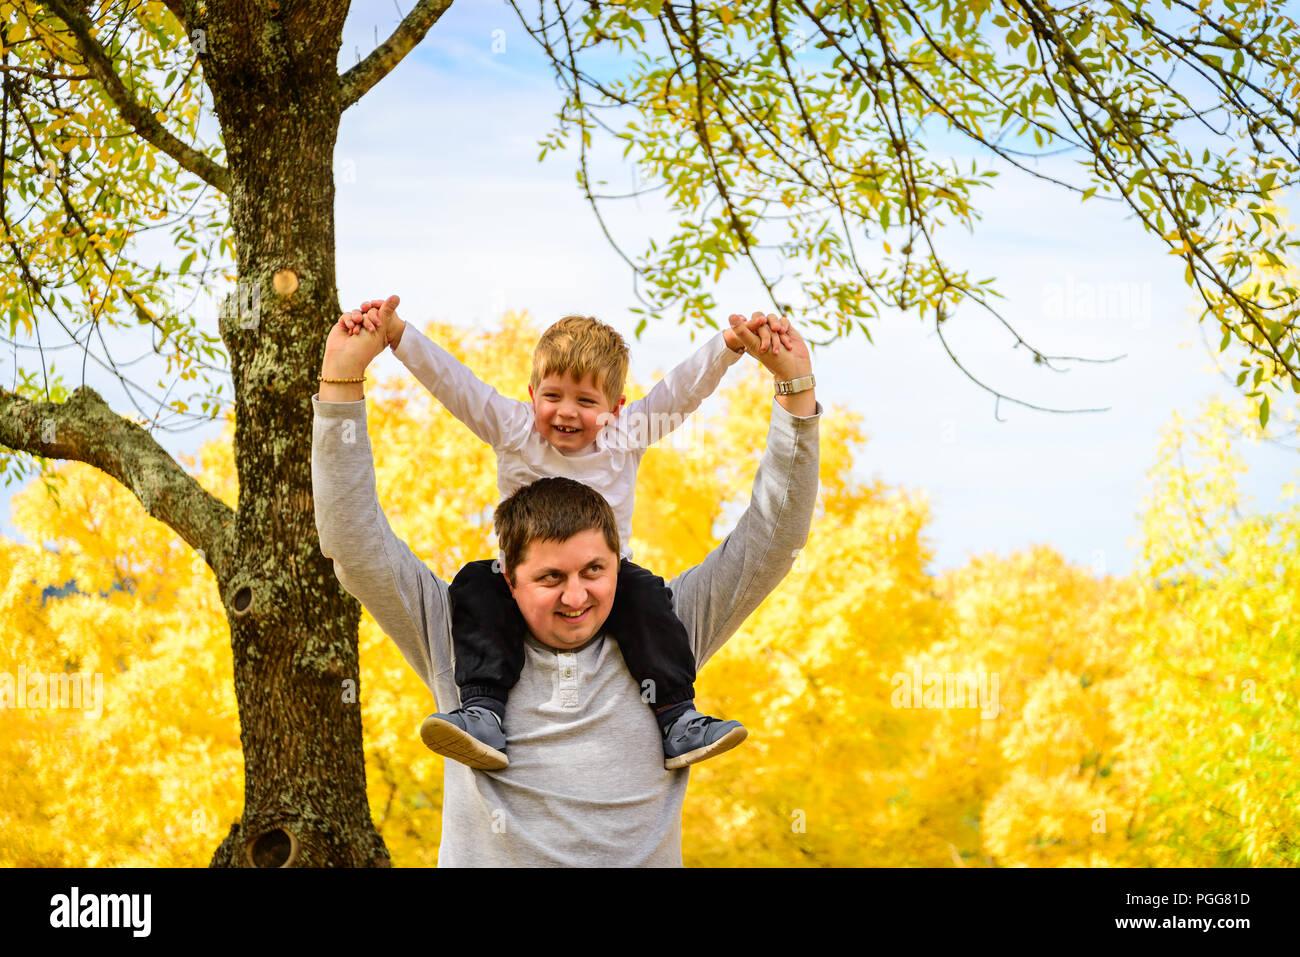 Vater seinen Sohn piggyback Ride im Herbst Park, Adelaide Hills, South Australia Stockbild